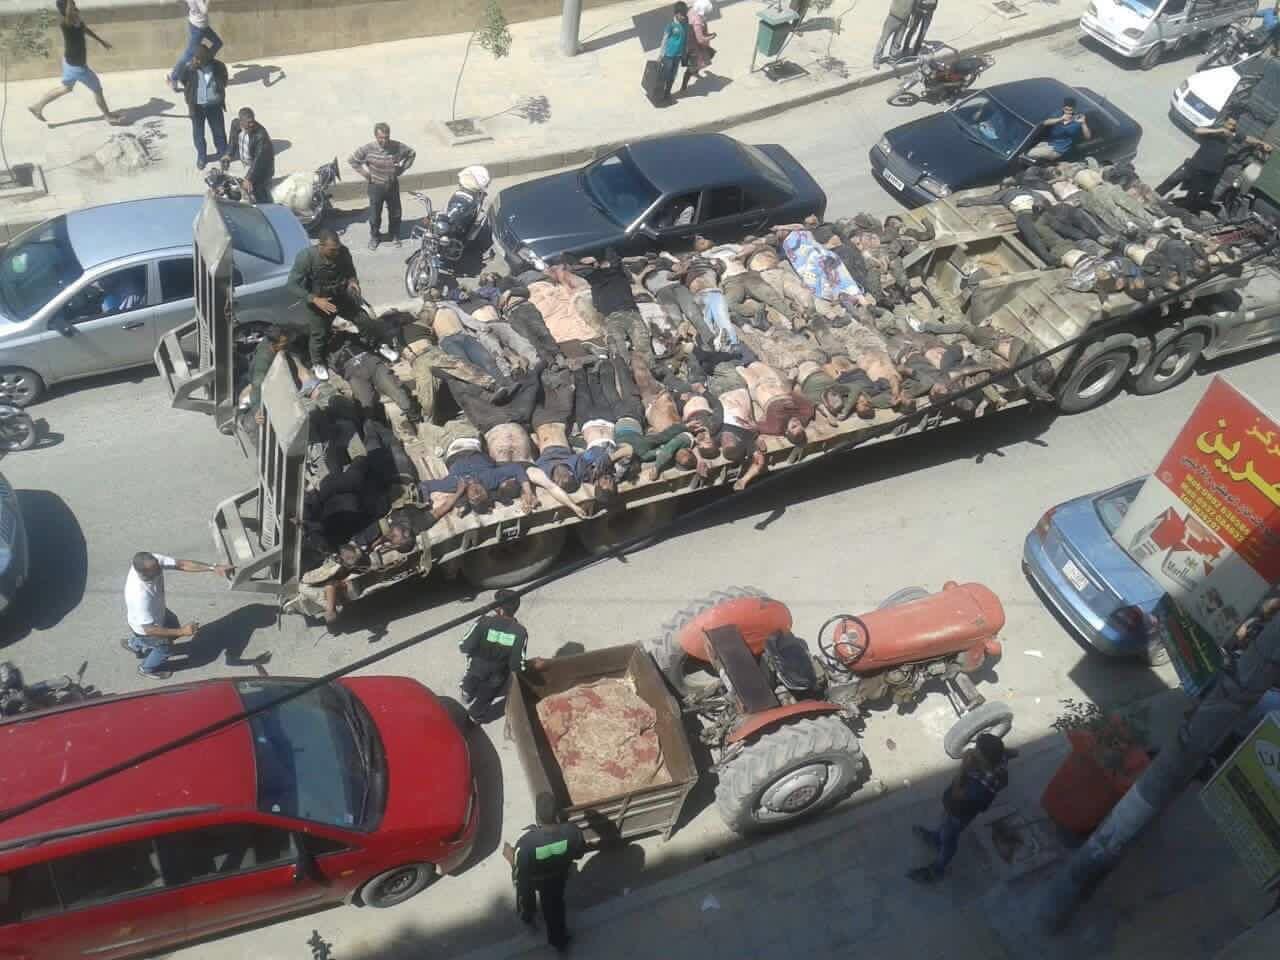 قامت قوات سورية الديموقراطية في 29/4/2016 باستعراض جثث القتلى في شوارع عفرين بشكل احتفالي